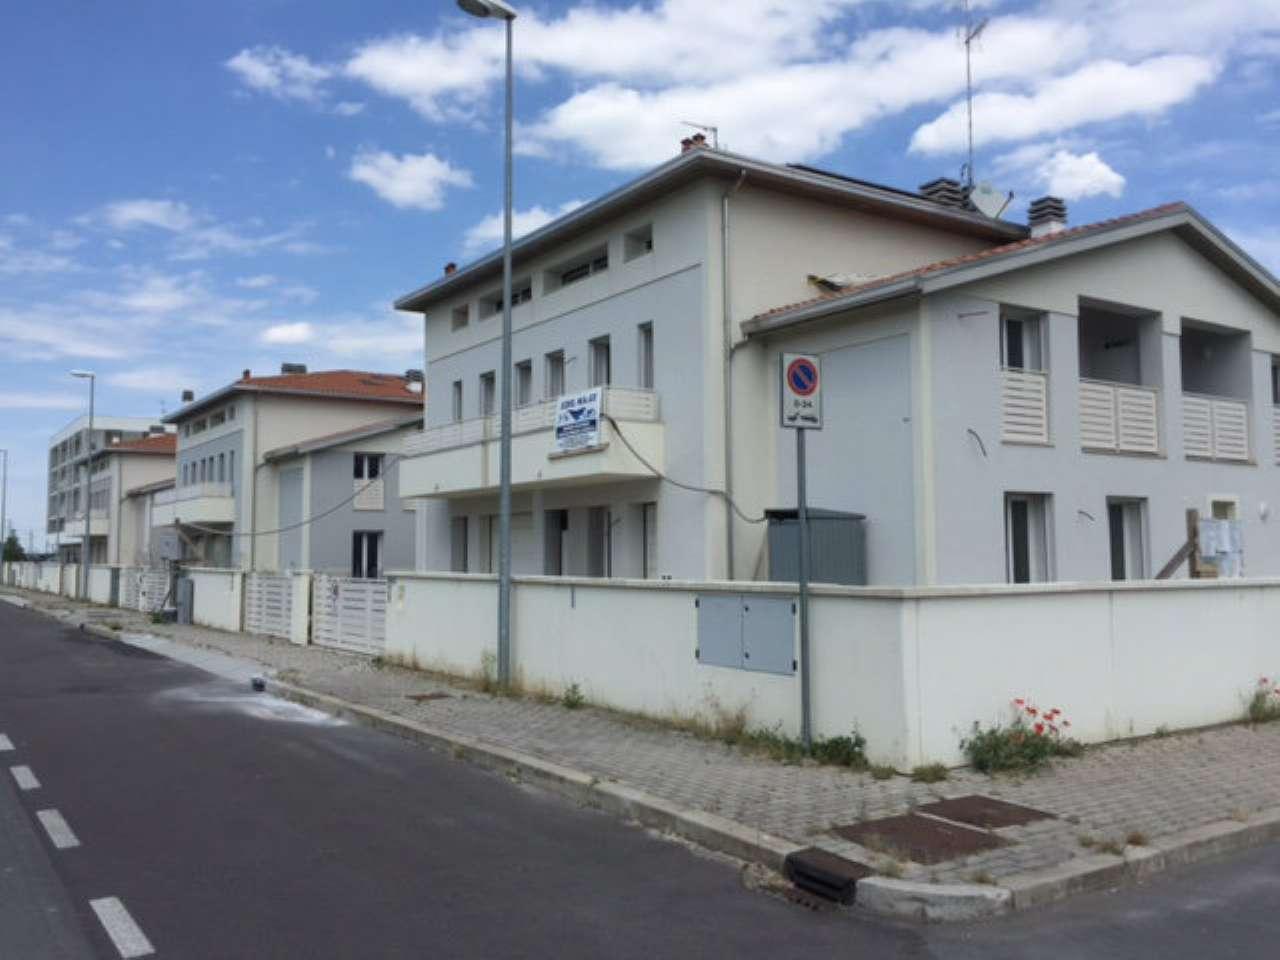 Soluzione Indipendente in vendita a Ravenna, 5 locali, prezzo € 350.000 | CambioCasa.it